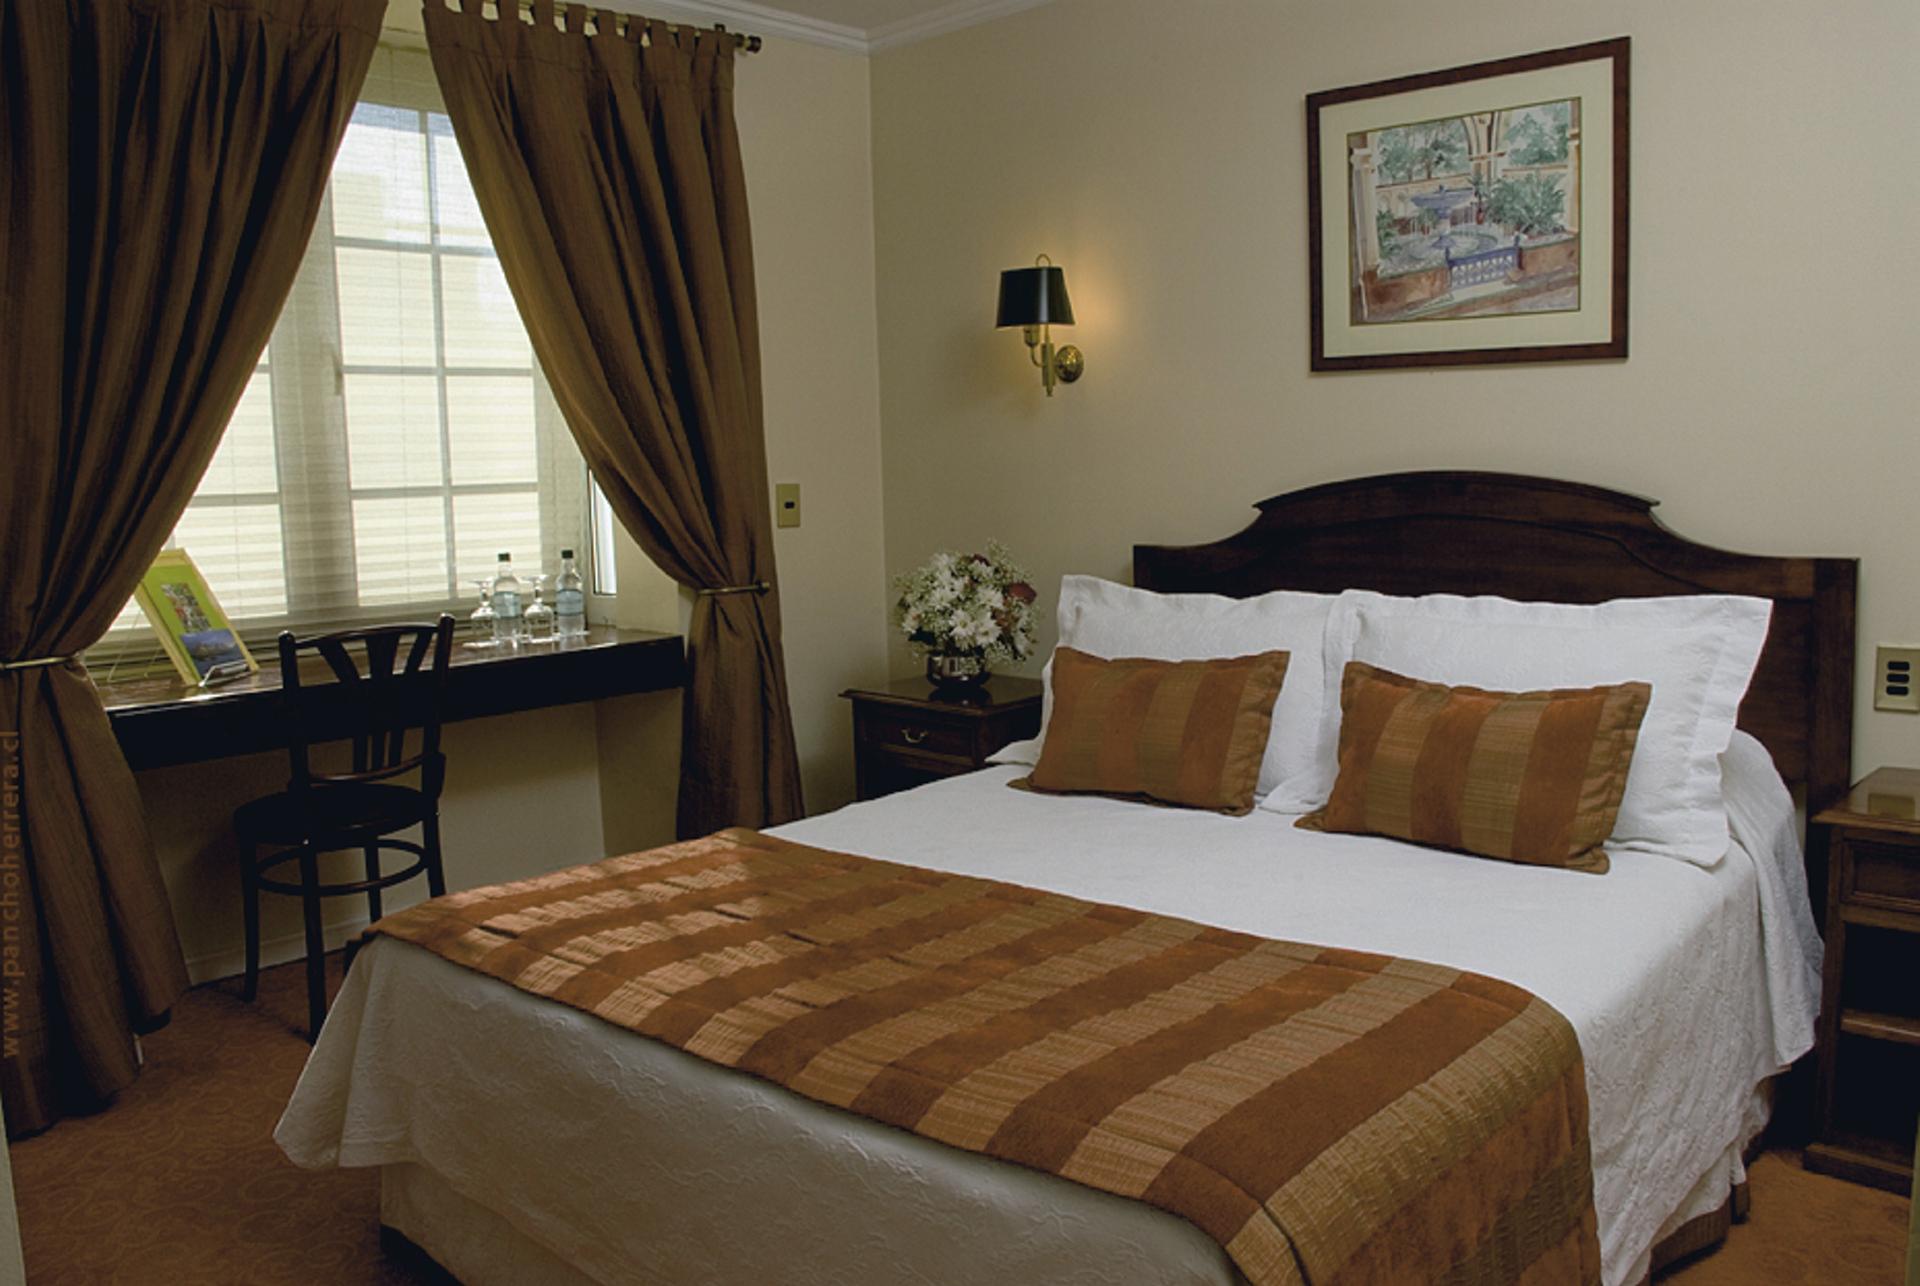 Zimmerbeispiel Hotel Orly